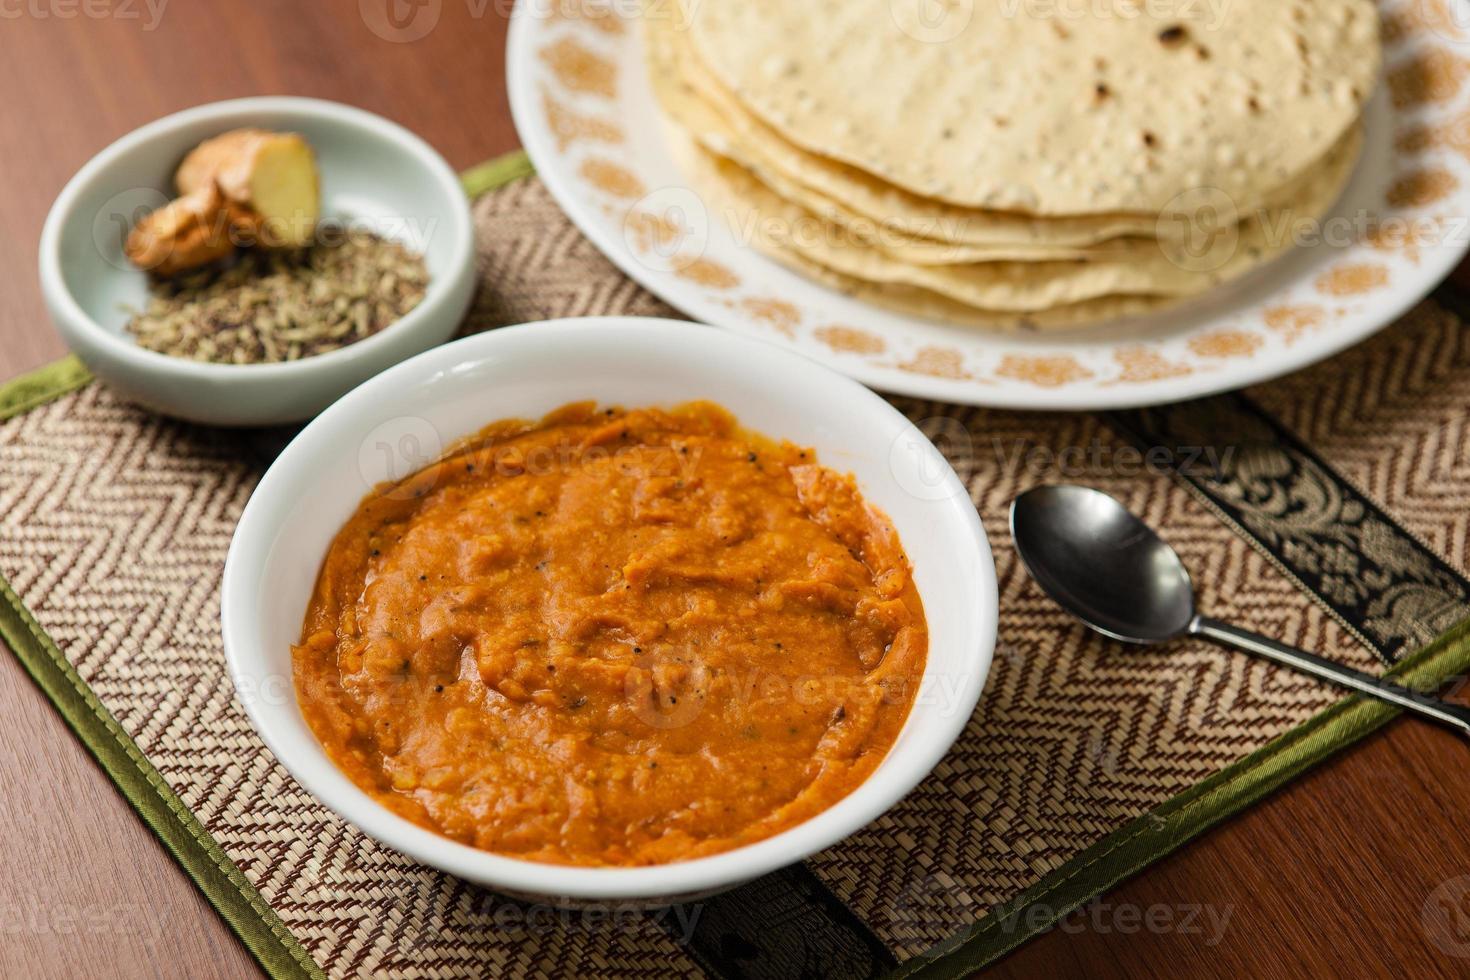 masoor dal (receita de lentilha indiana) com papad foto